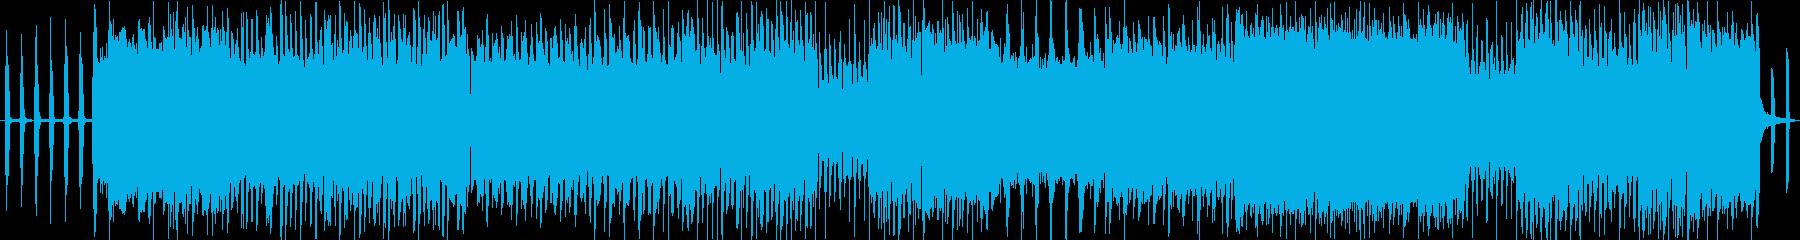 サン=サーンス「死の舞踏」ロックアレンジの再生済みの波形